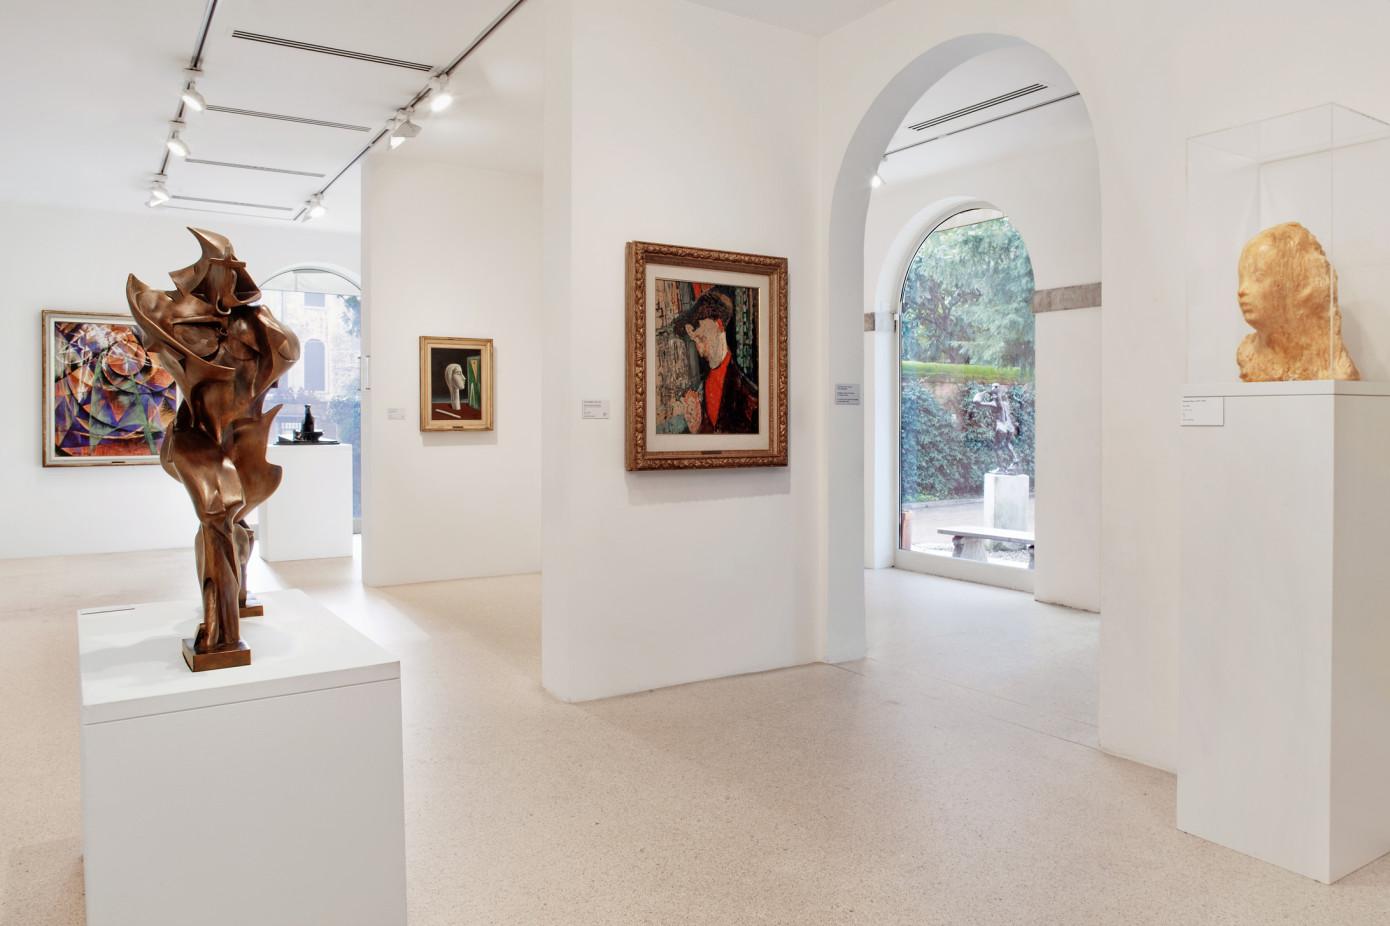 COLLEZIONE PEGGY GUGGENHEIM, VENEZIA - 2010  SPAZI MUSEALI INTERNI